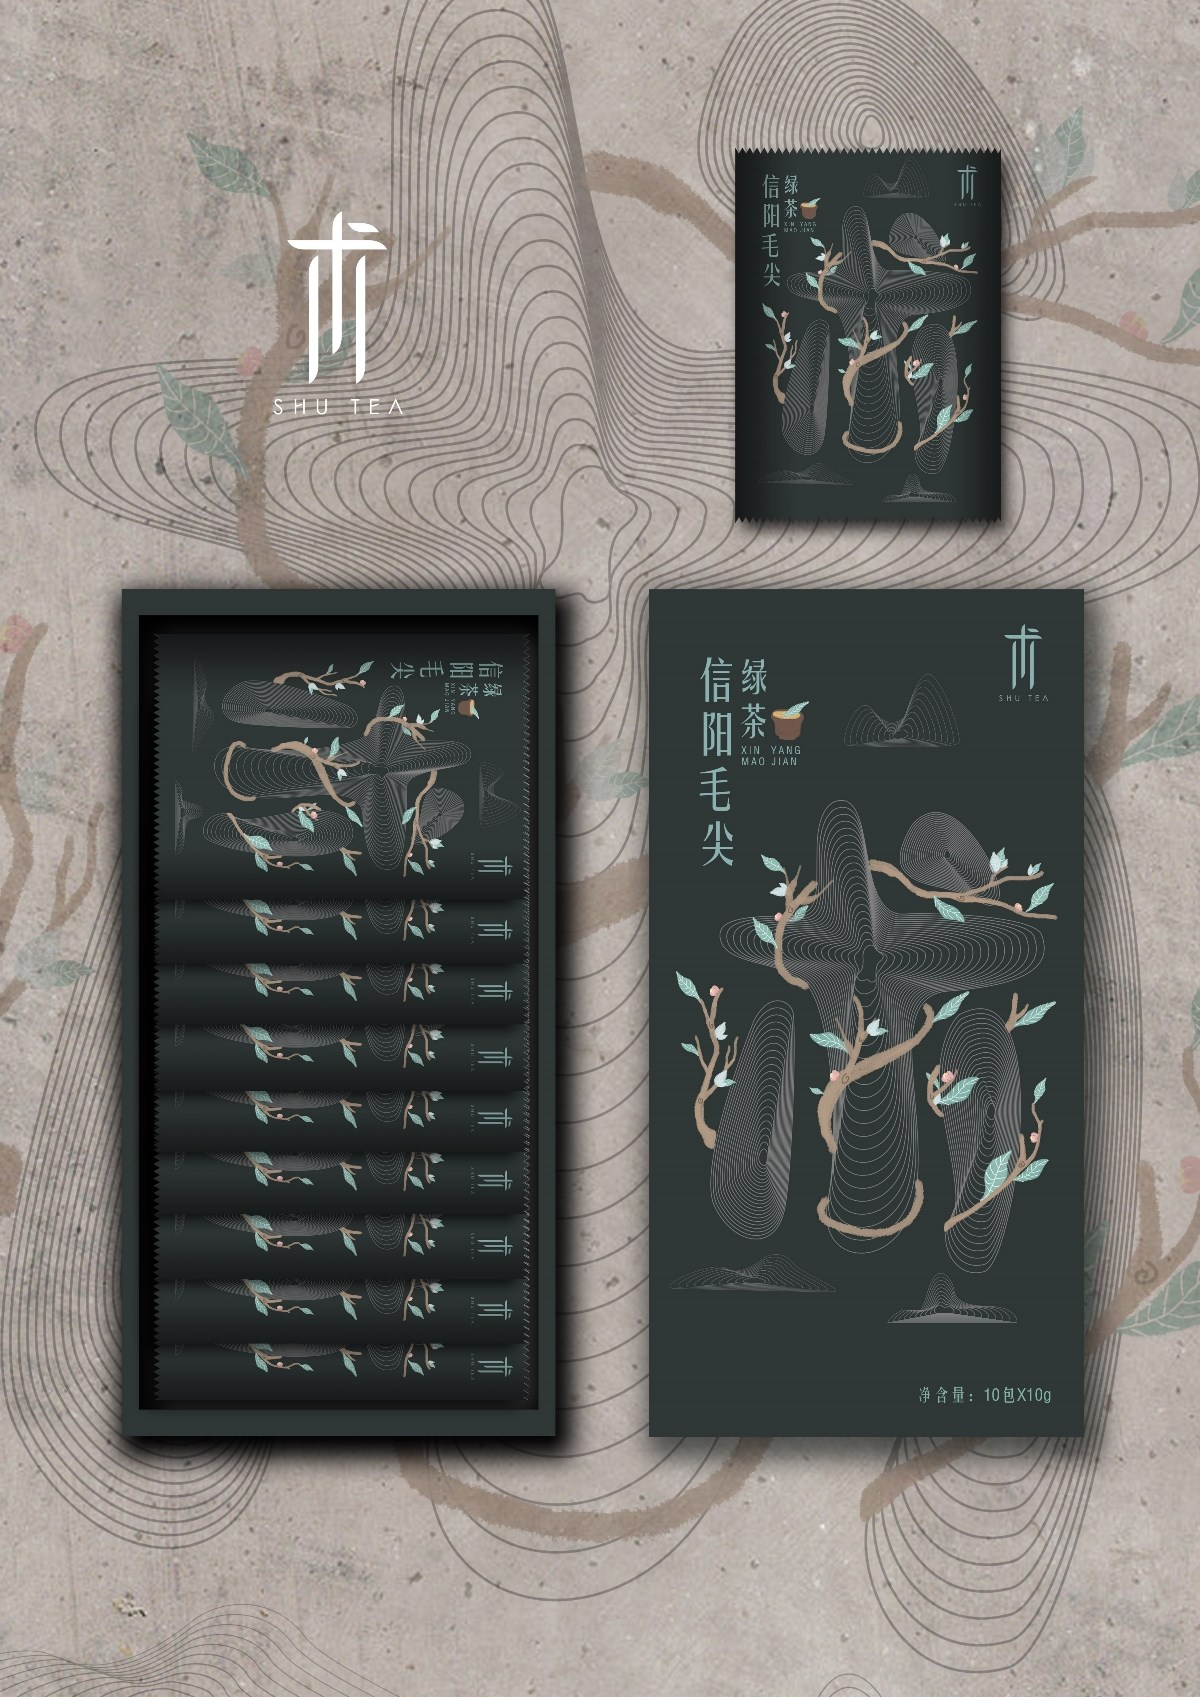 术茶品牌形象包装设计